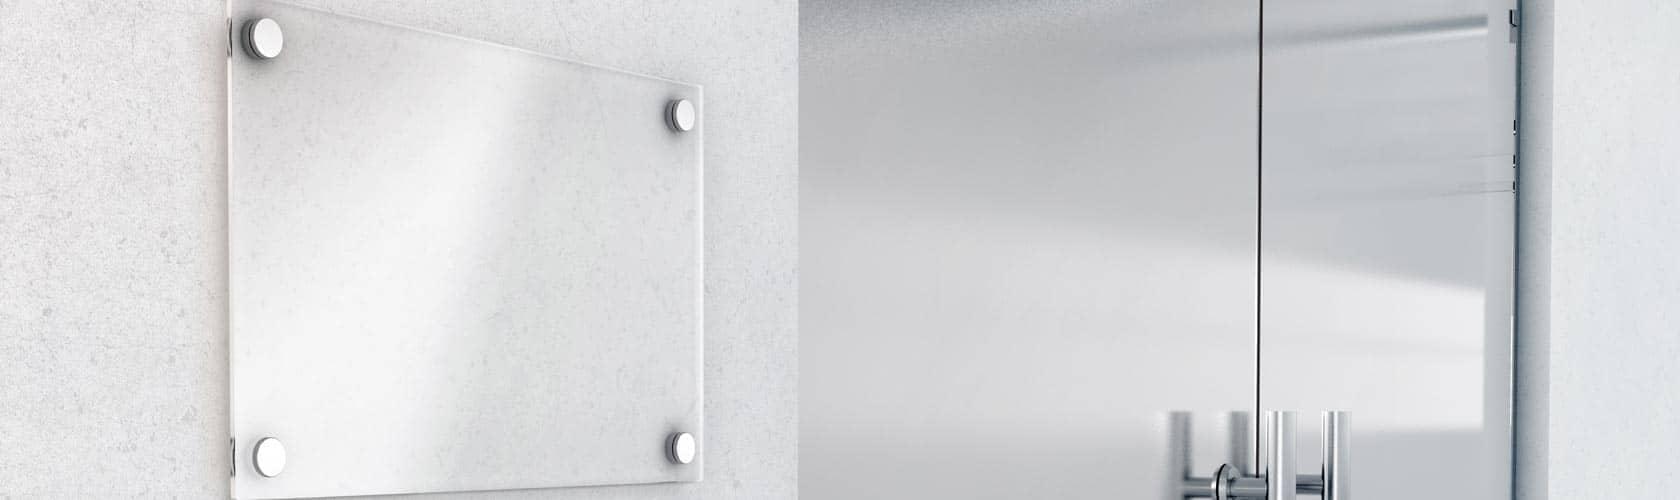 Firmeneingang mit graviertem Firmenschild 4-farbig